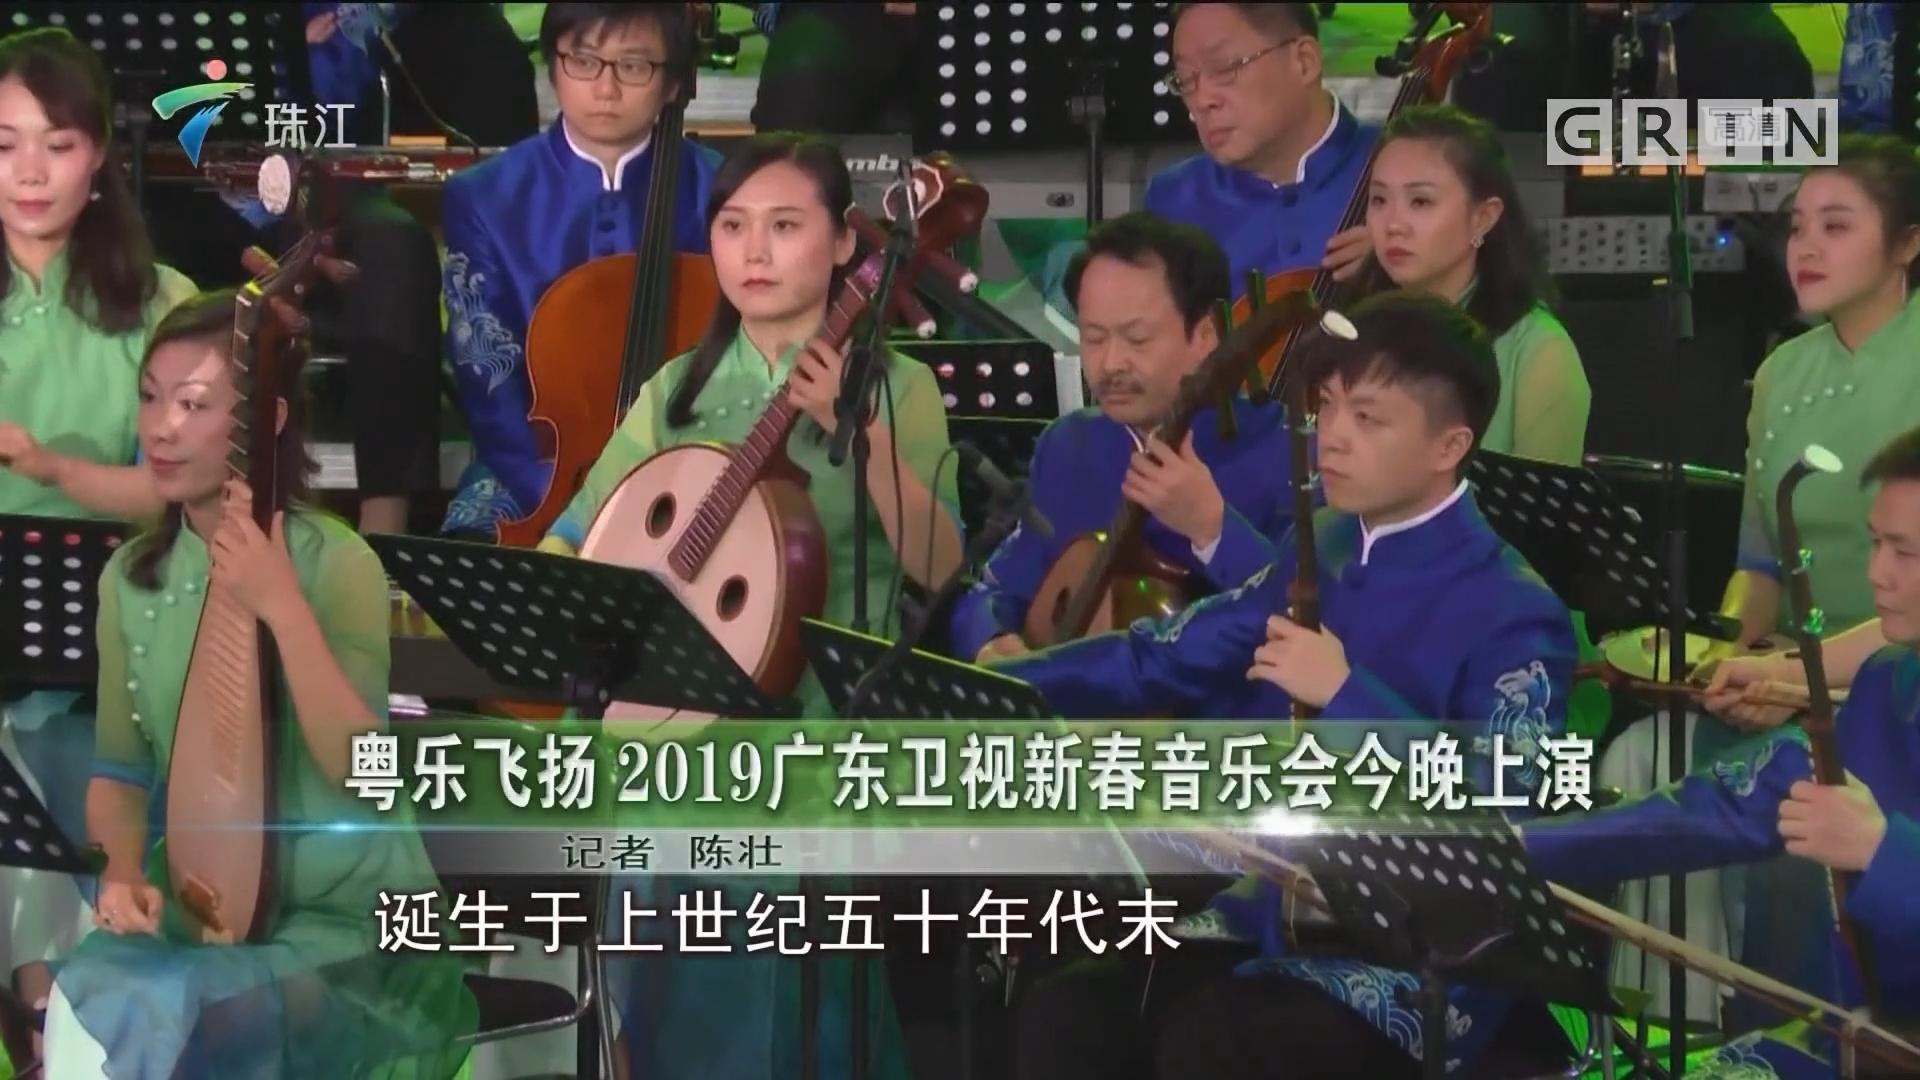 粤乐飞扬 2019广东卫视新春音乐会今晚上演